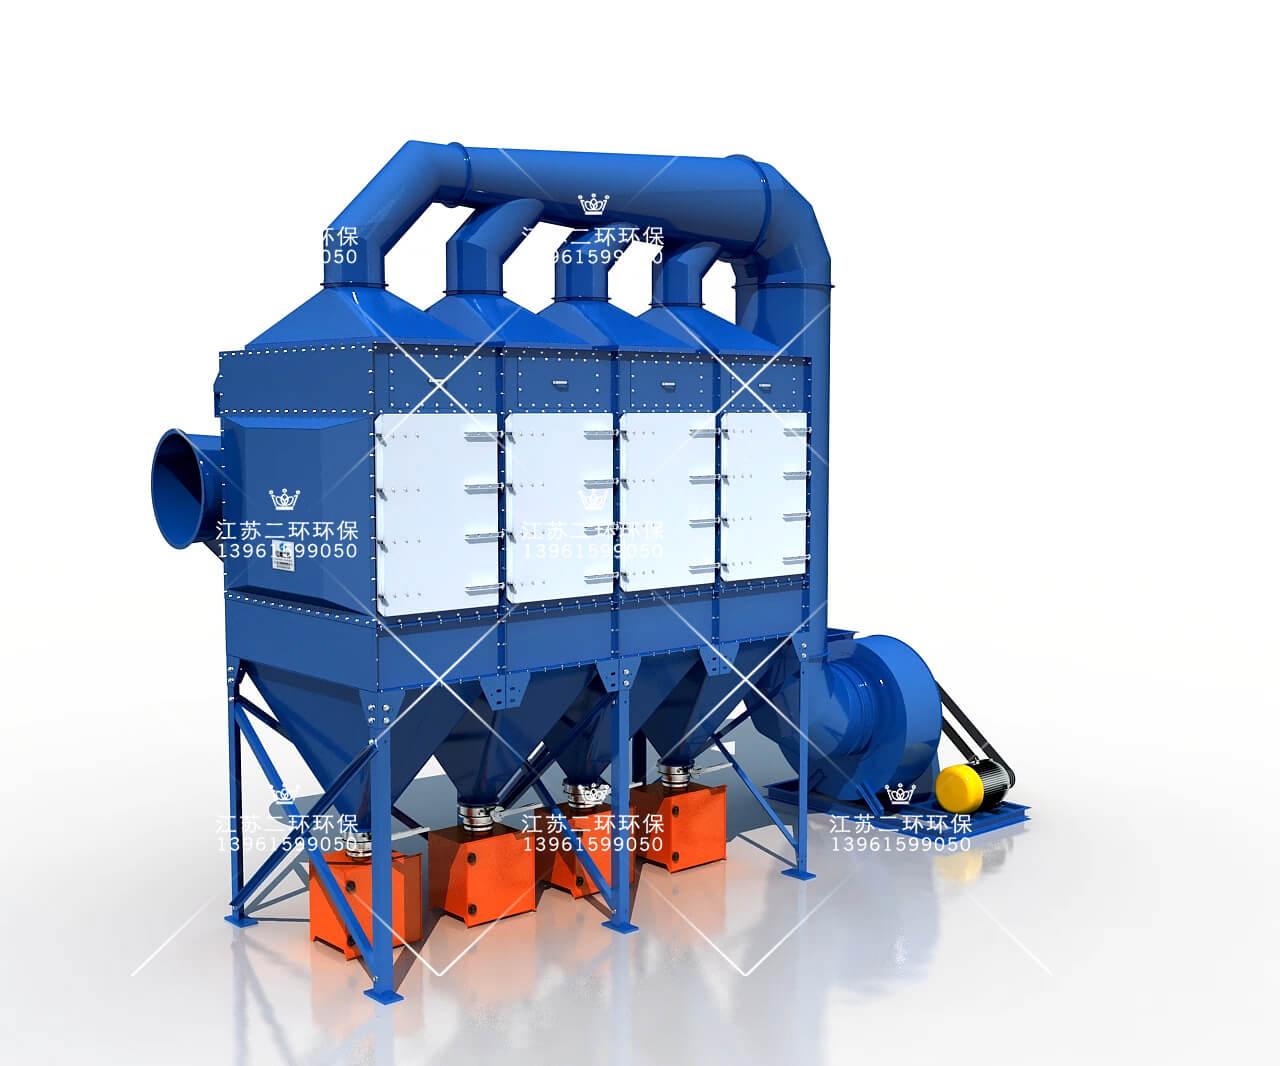 垂直式滤筒除尘器